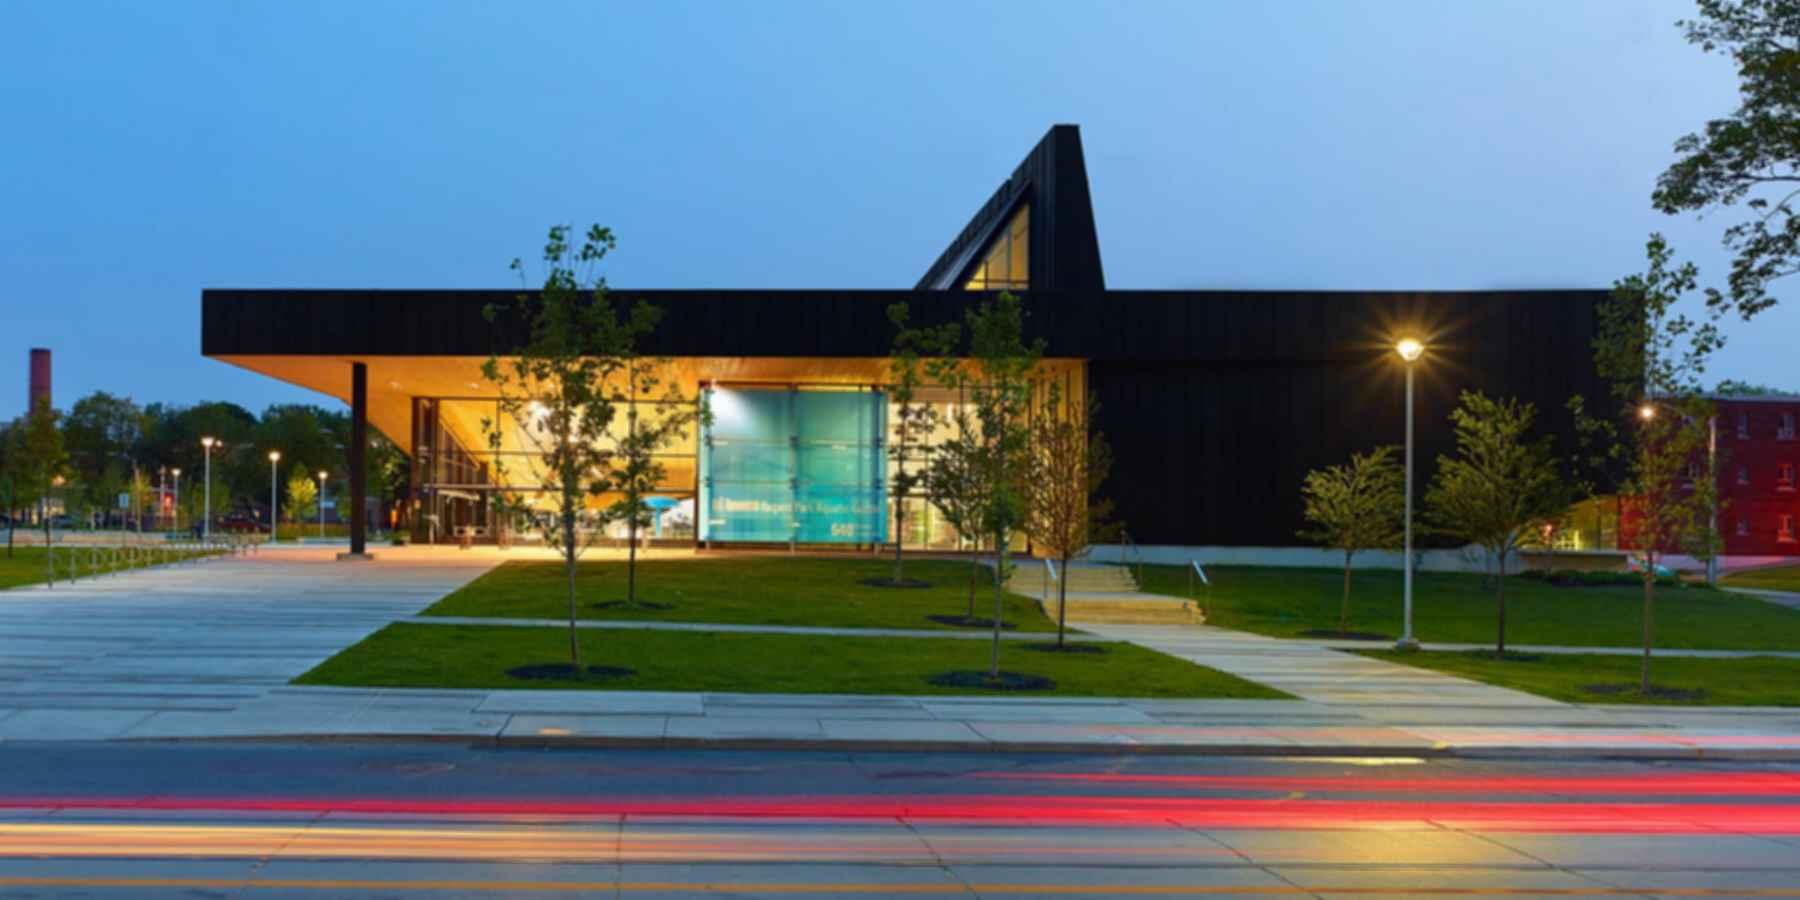 Regent Park Aquatics Centre